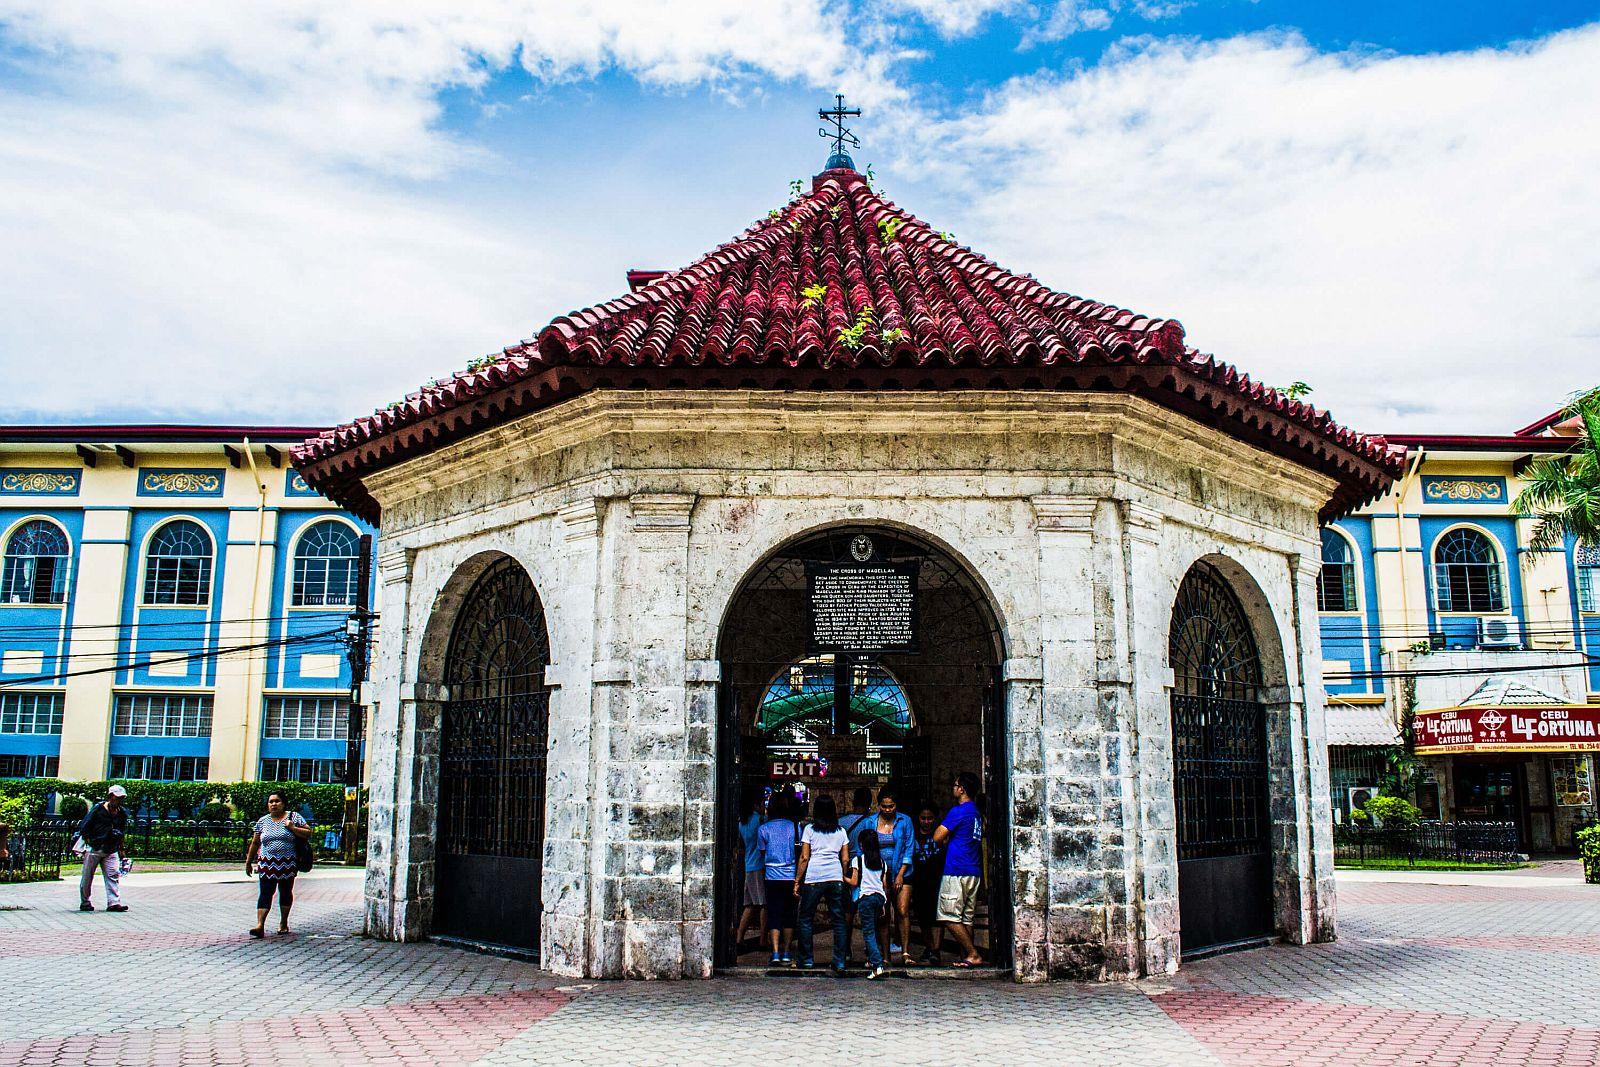 PHILIPPINEN REISEN - ORTE - CEBU - Touristische Ortsbeschreibung für Cebu City